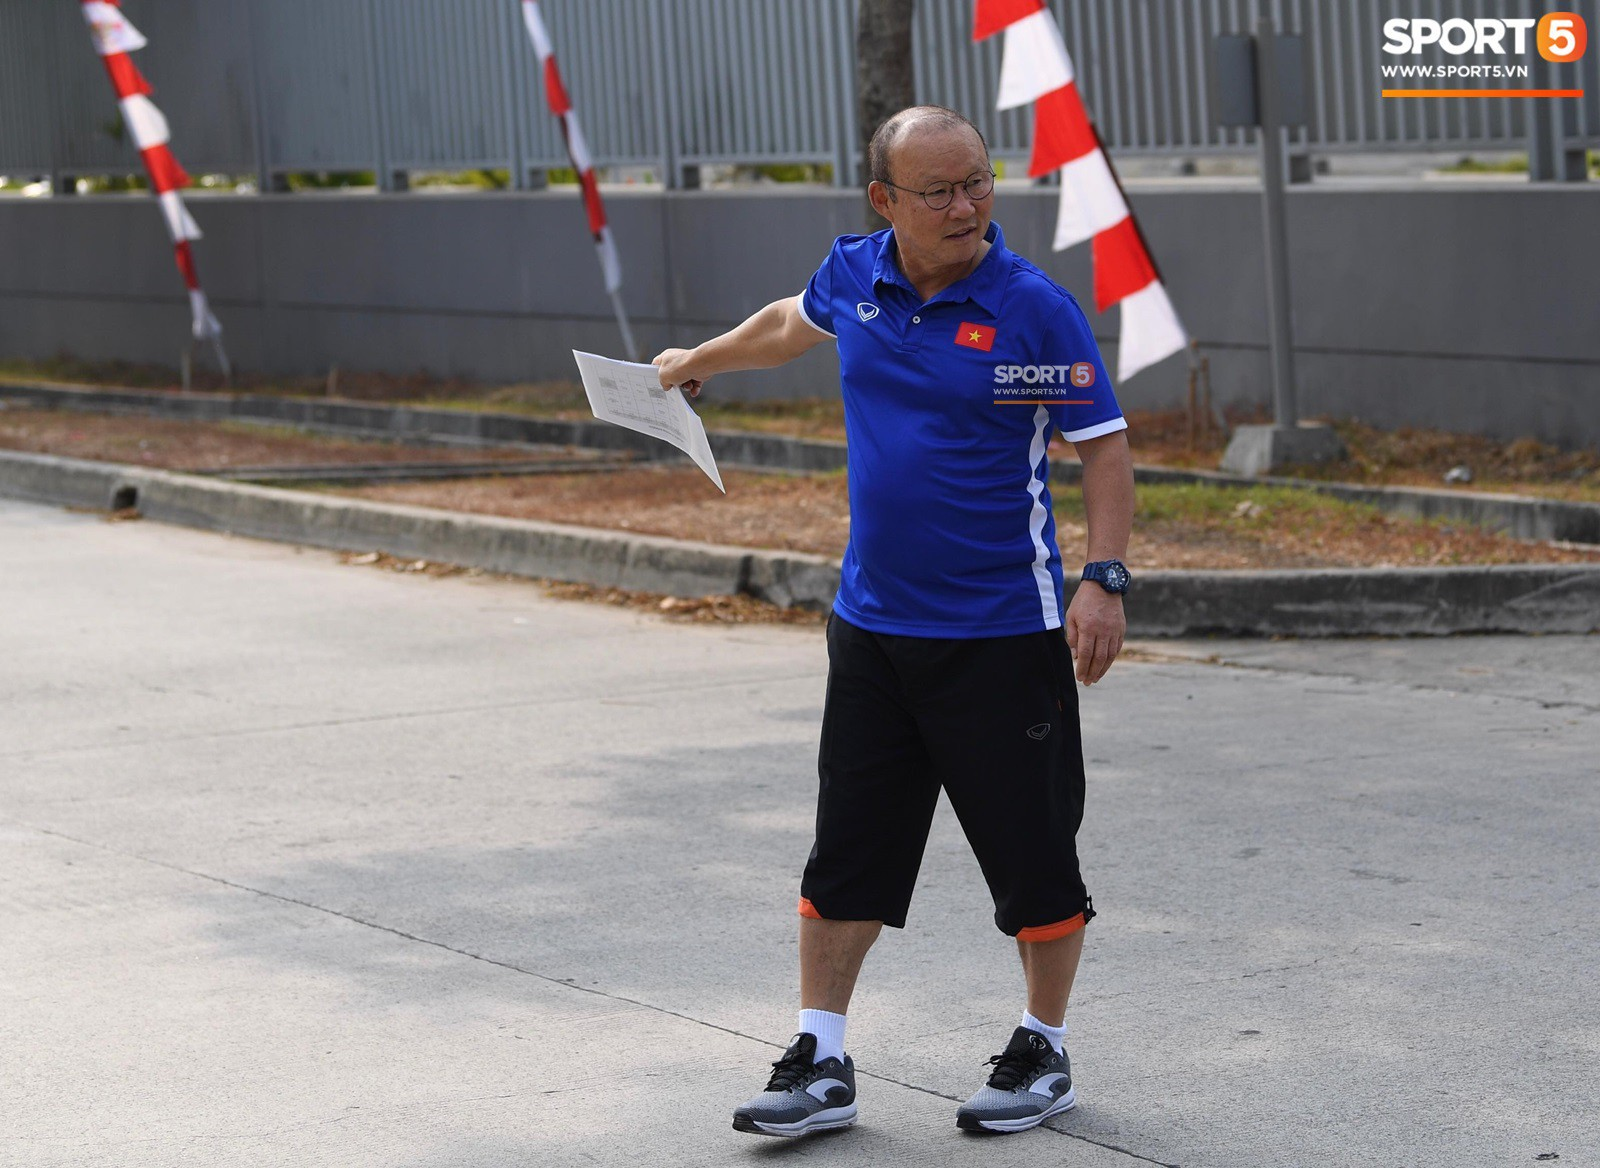 HLV Park Hang Seo cẩn thận cùng ban huấn luyện ngăn xe cho học trò băng qua đường tập luyện - Ảnh 2.